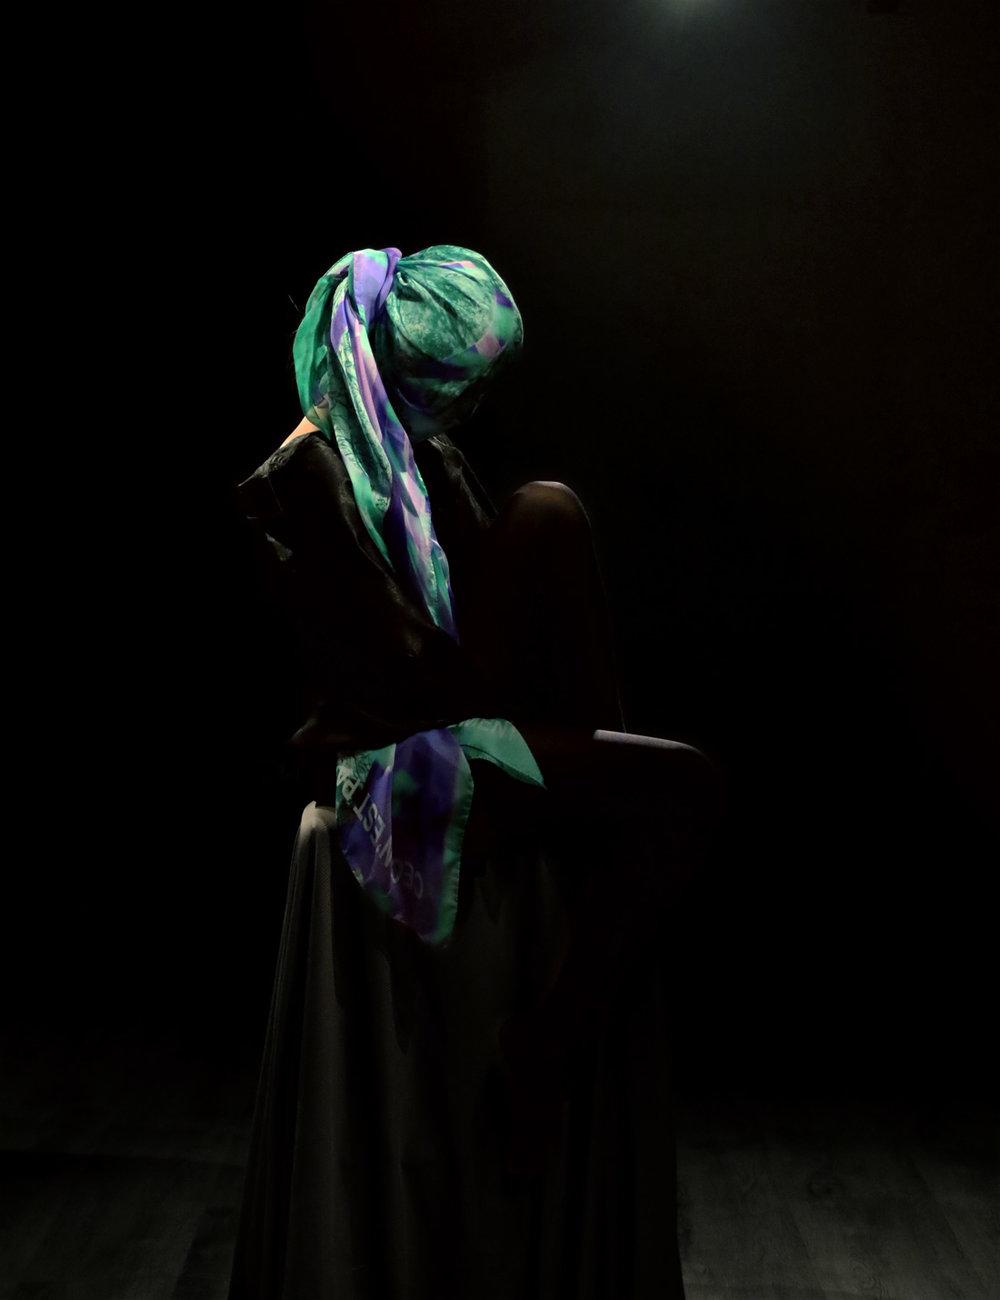 buy silk scarves online paris taipei tokyo ceci n'est pas un vetement L32A9929r.jpg